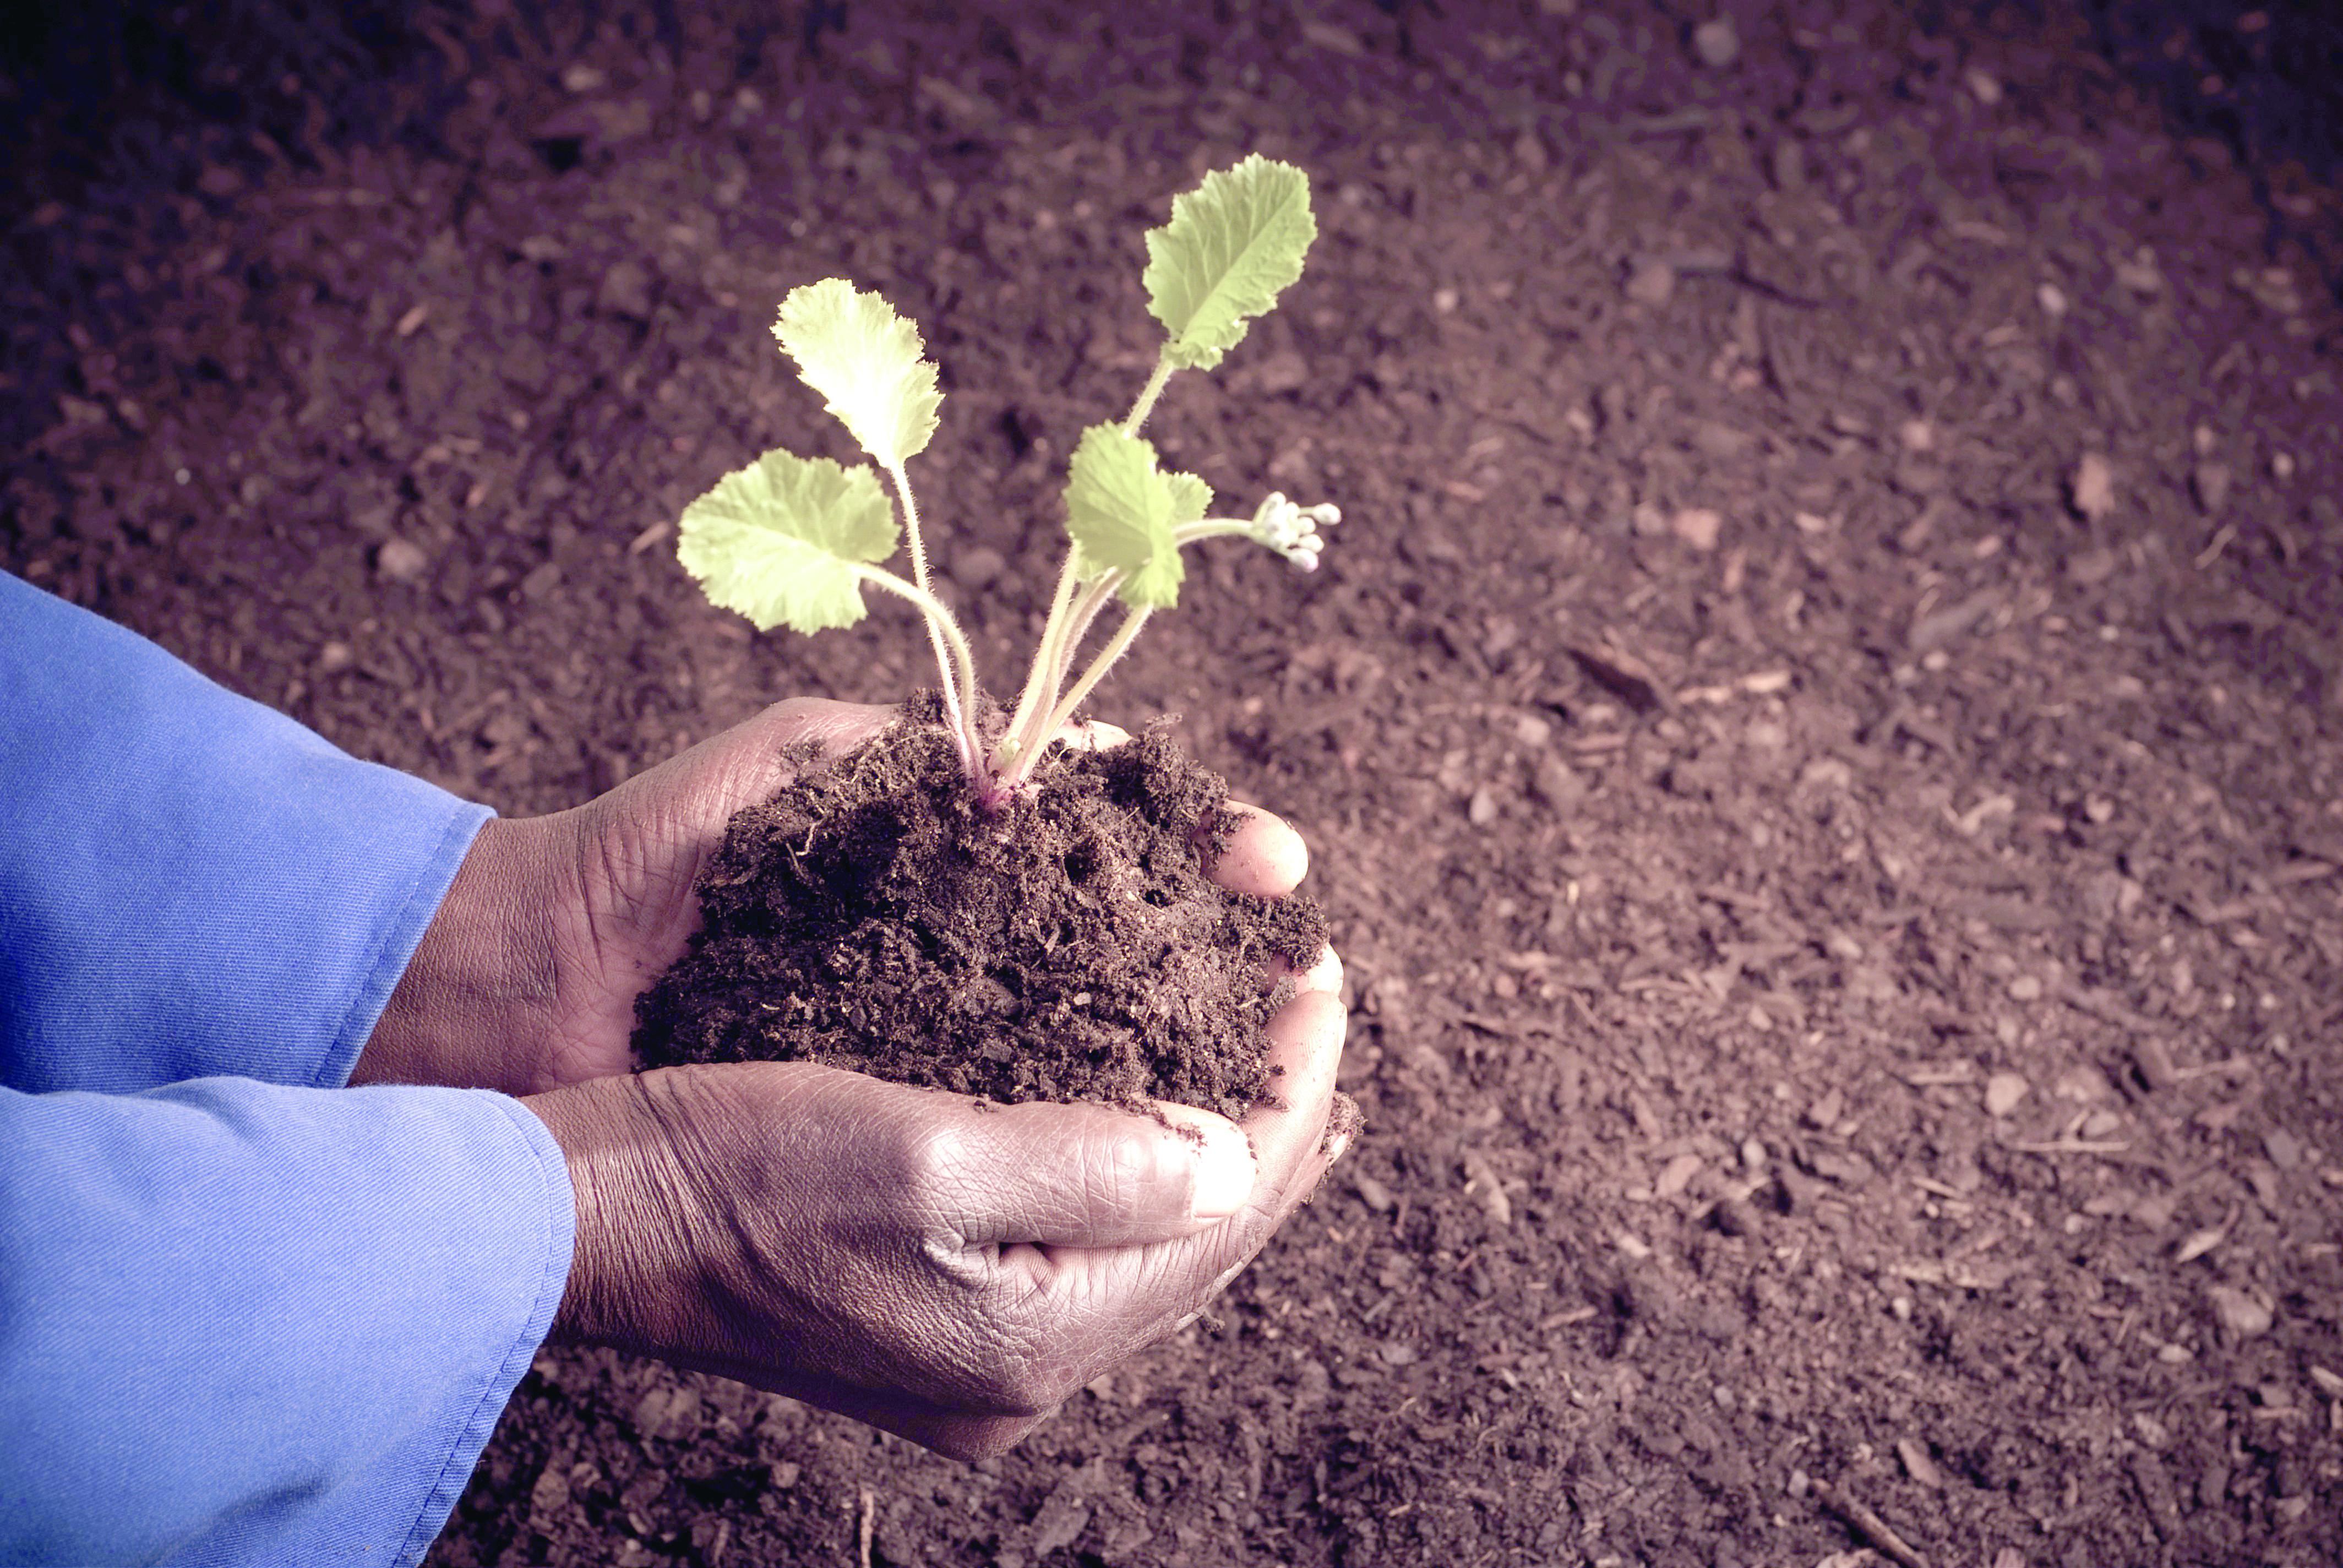 الساجواني: 16 ألف وظيفة جديدة في القطاع الزراعي